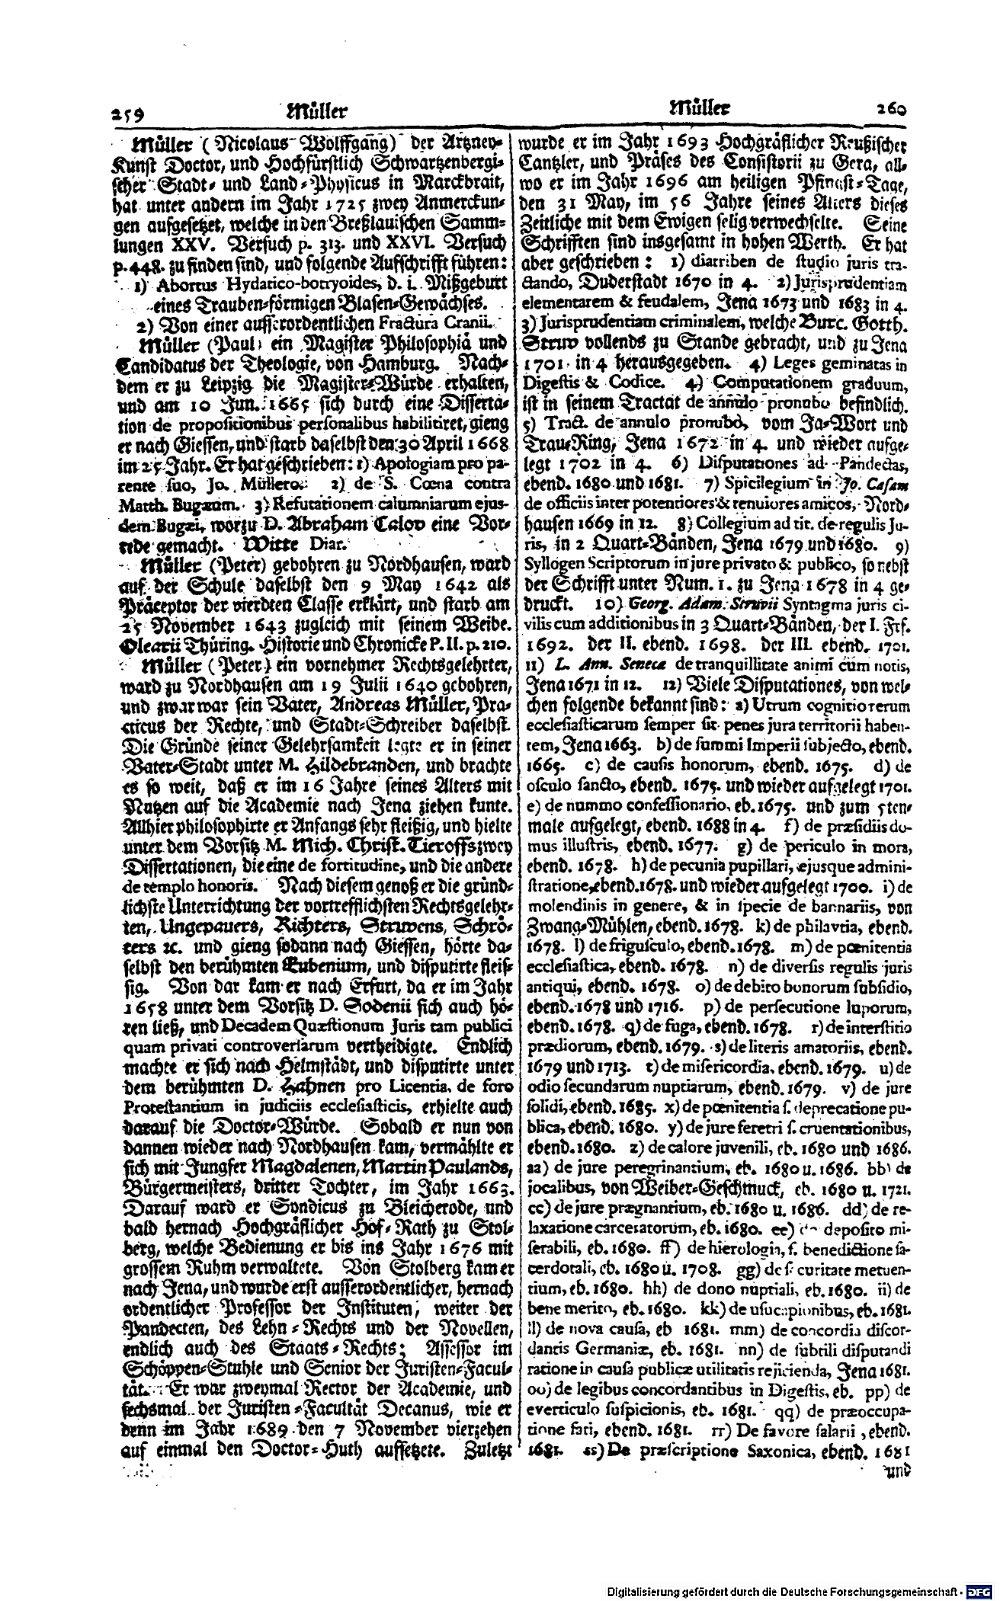 Bd. 22, Seite 0143.